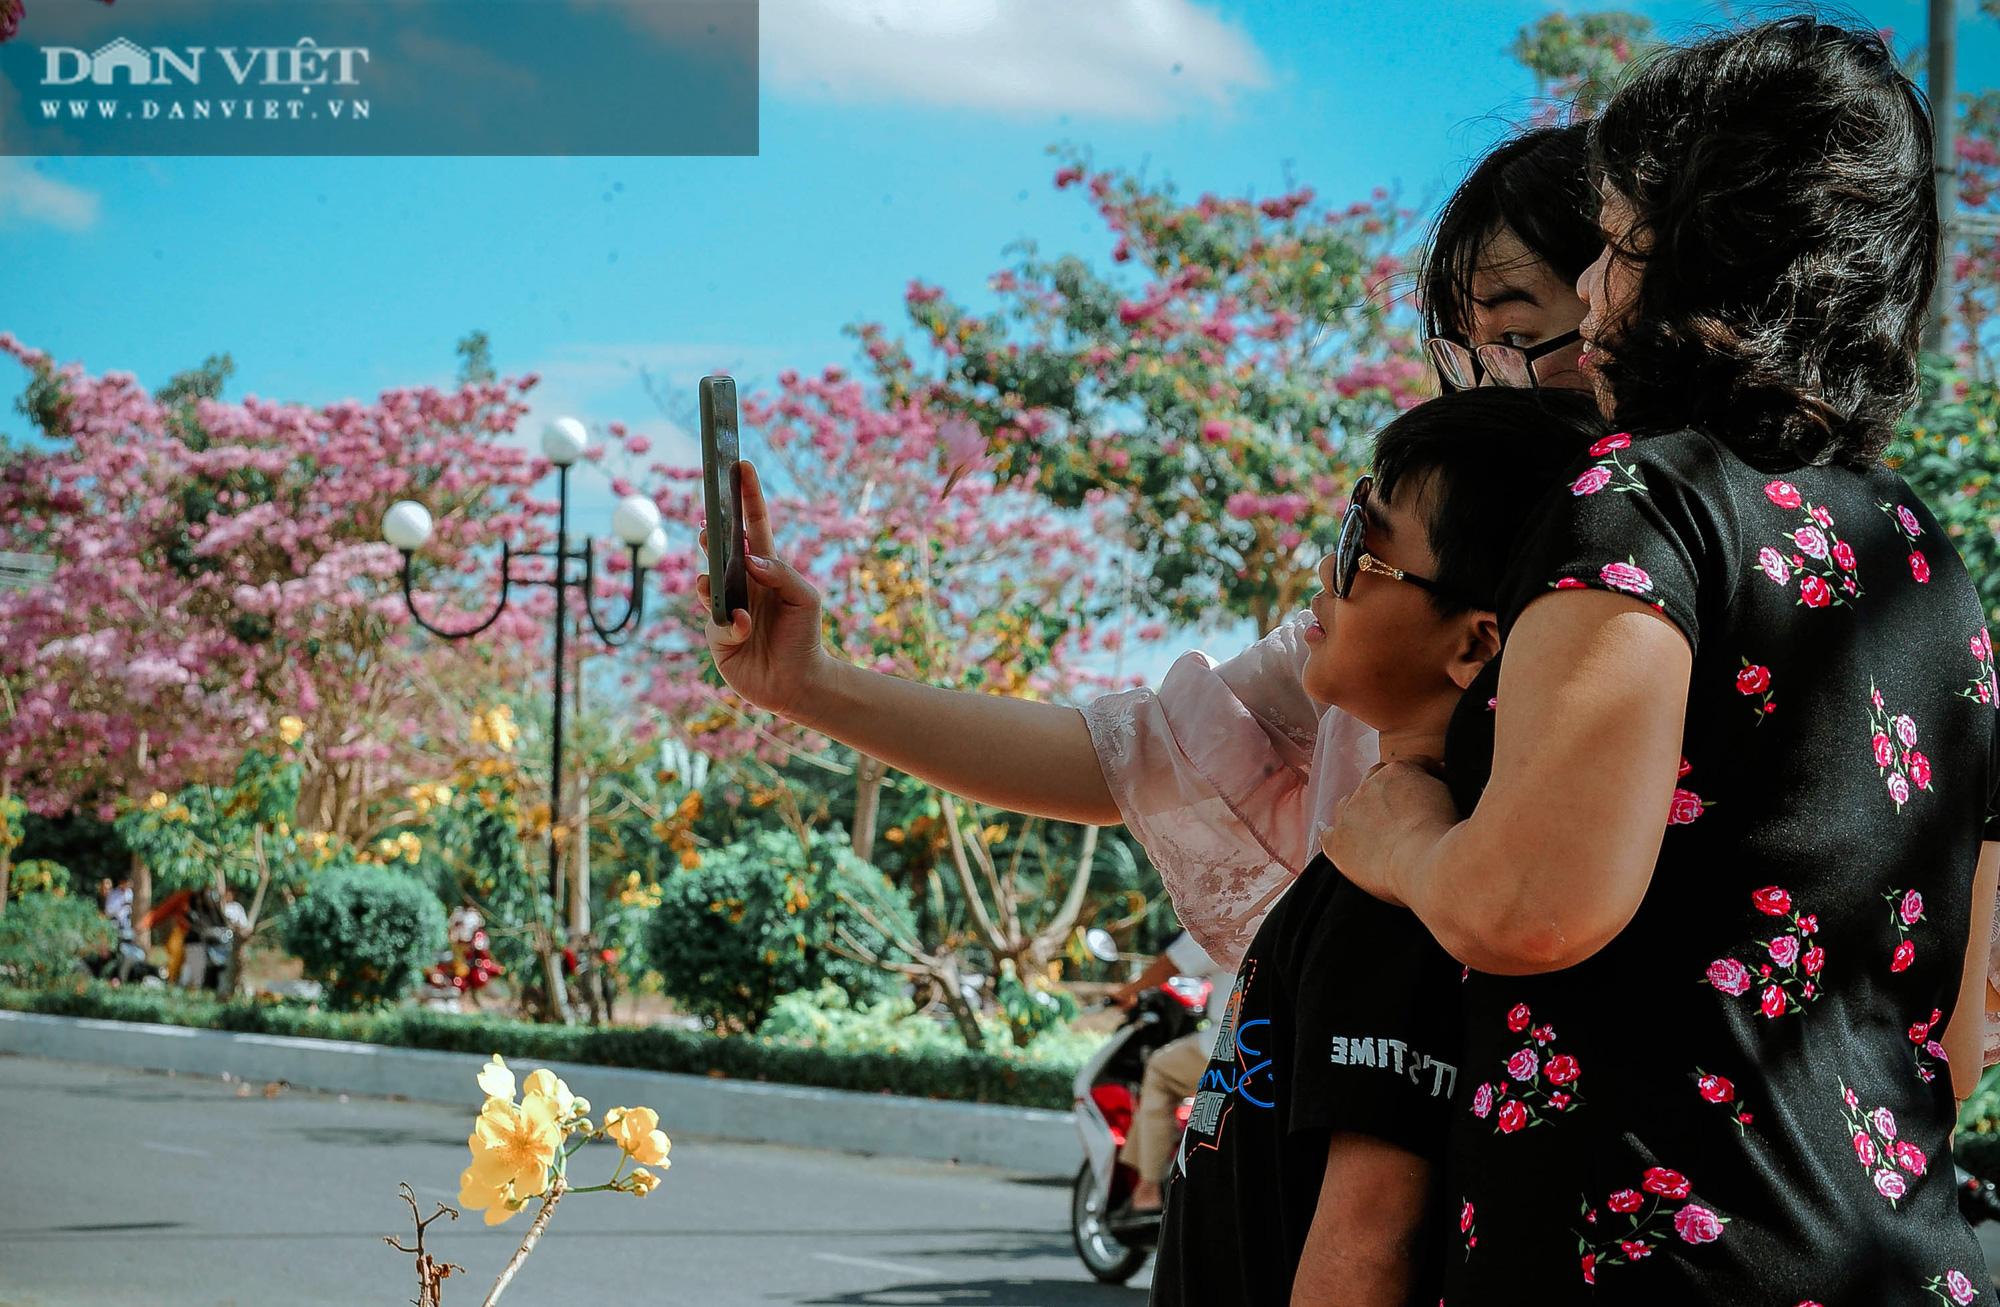 Giới trẻ đổ xô check in tại con đường hoa kèn hồng đẹp như phim Hàn Quốc ở miền Tây - Ảnh 9.